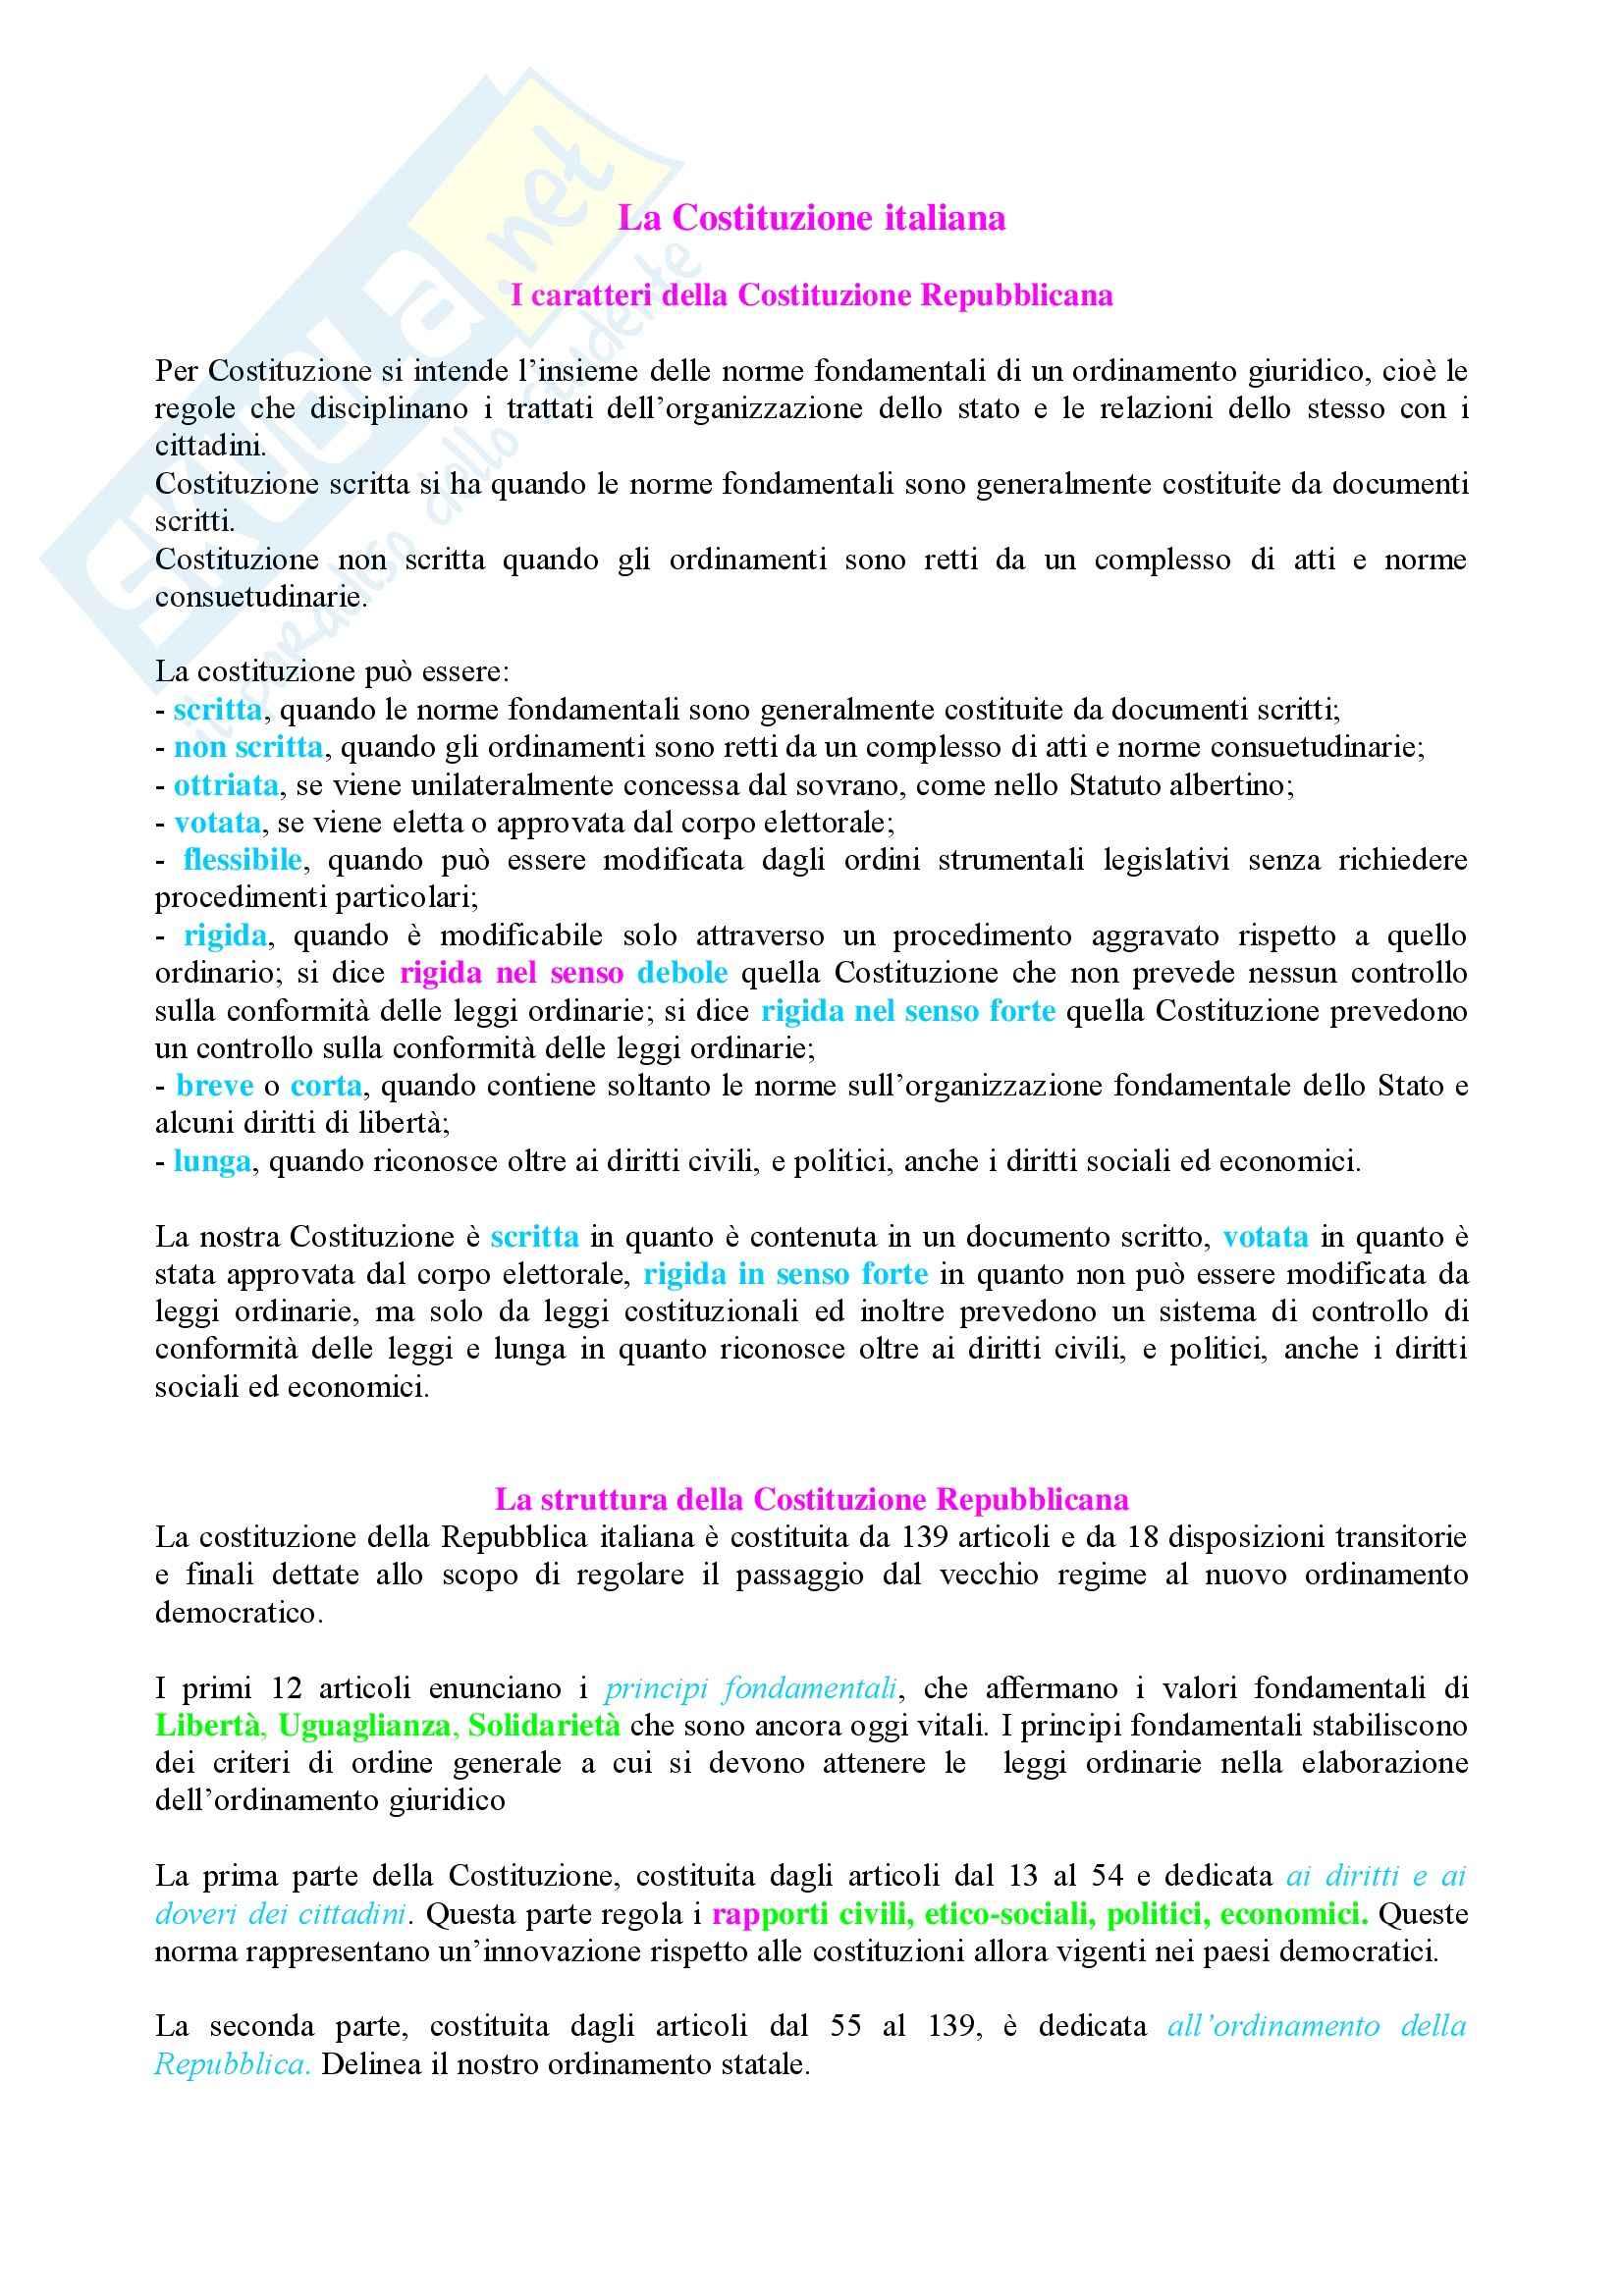 Storia contemporanea - la Costituzione italiana - Appunti